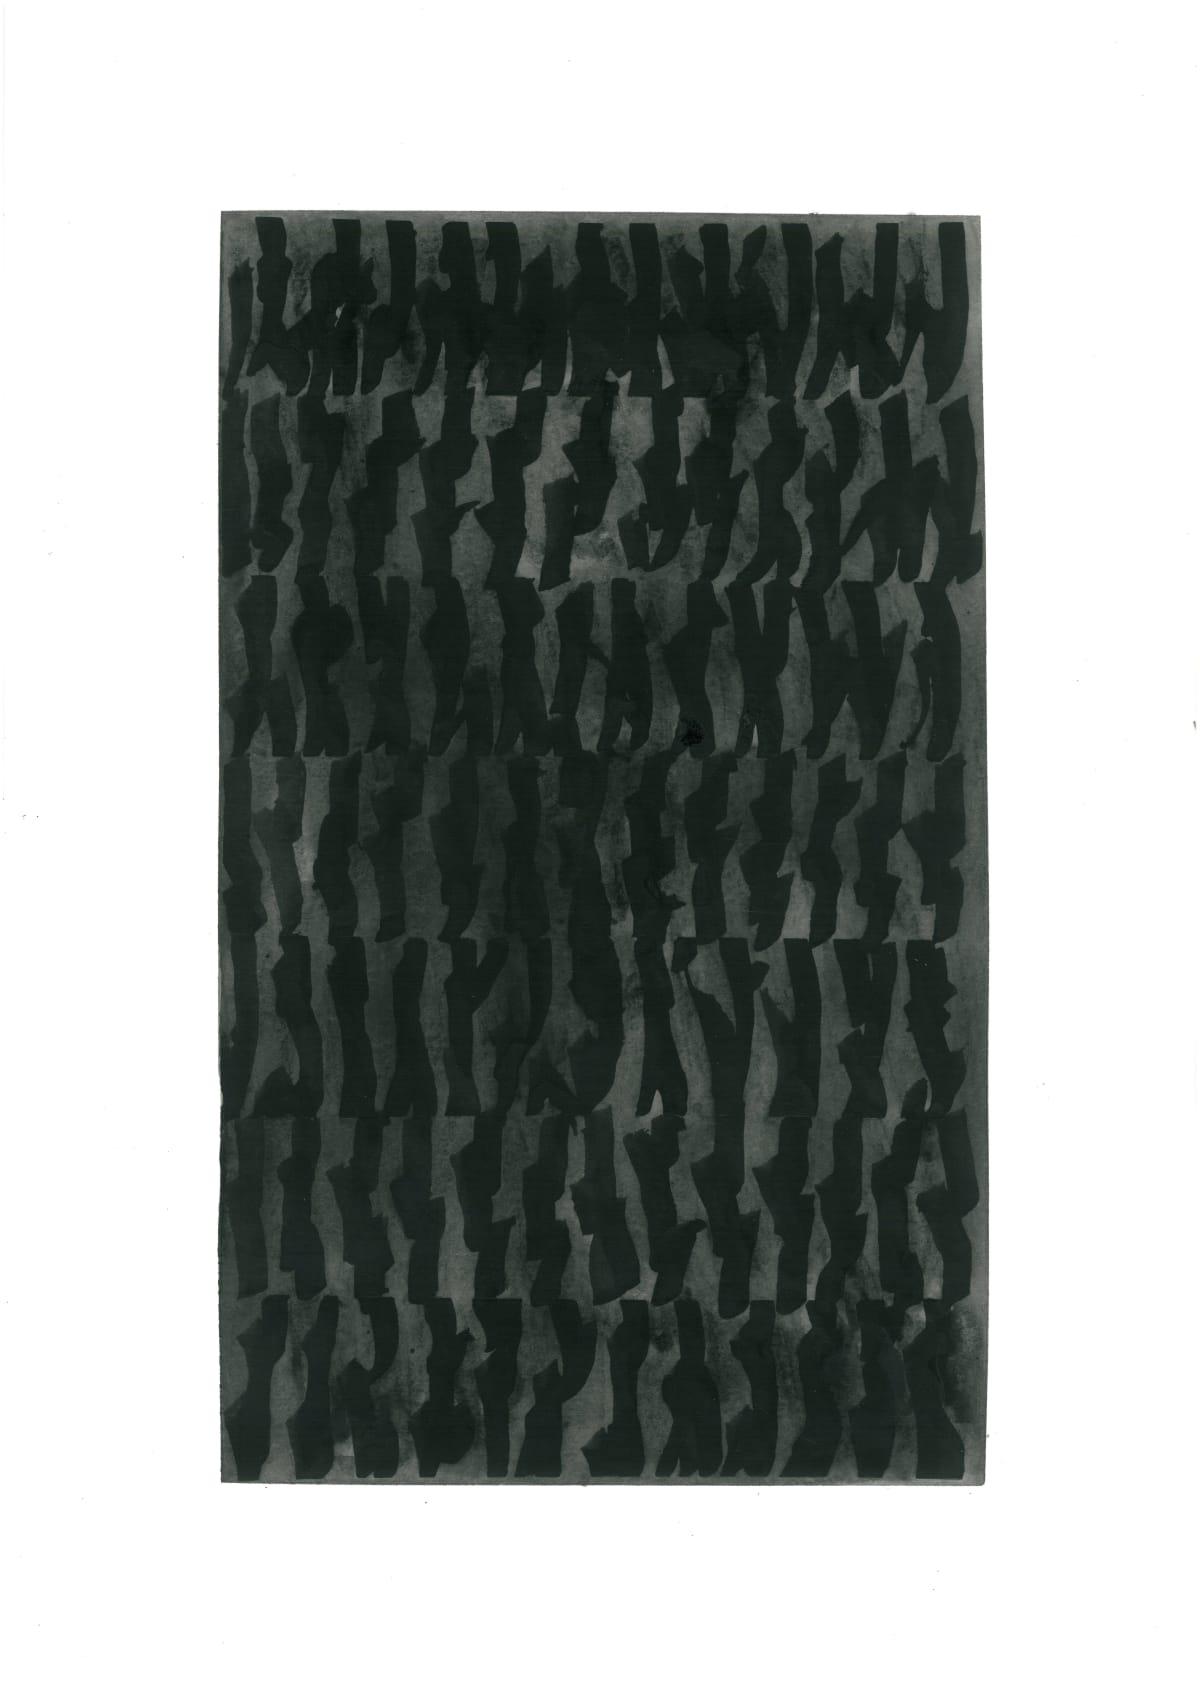 Mohammad Ali Talpur b. 1976Untitled (11), 2020 Ink on paper 42 x 29 cm 16 1/2 x 11 7/16 in